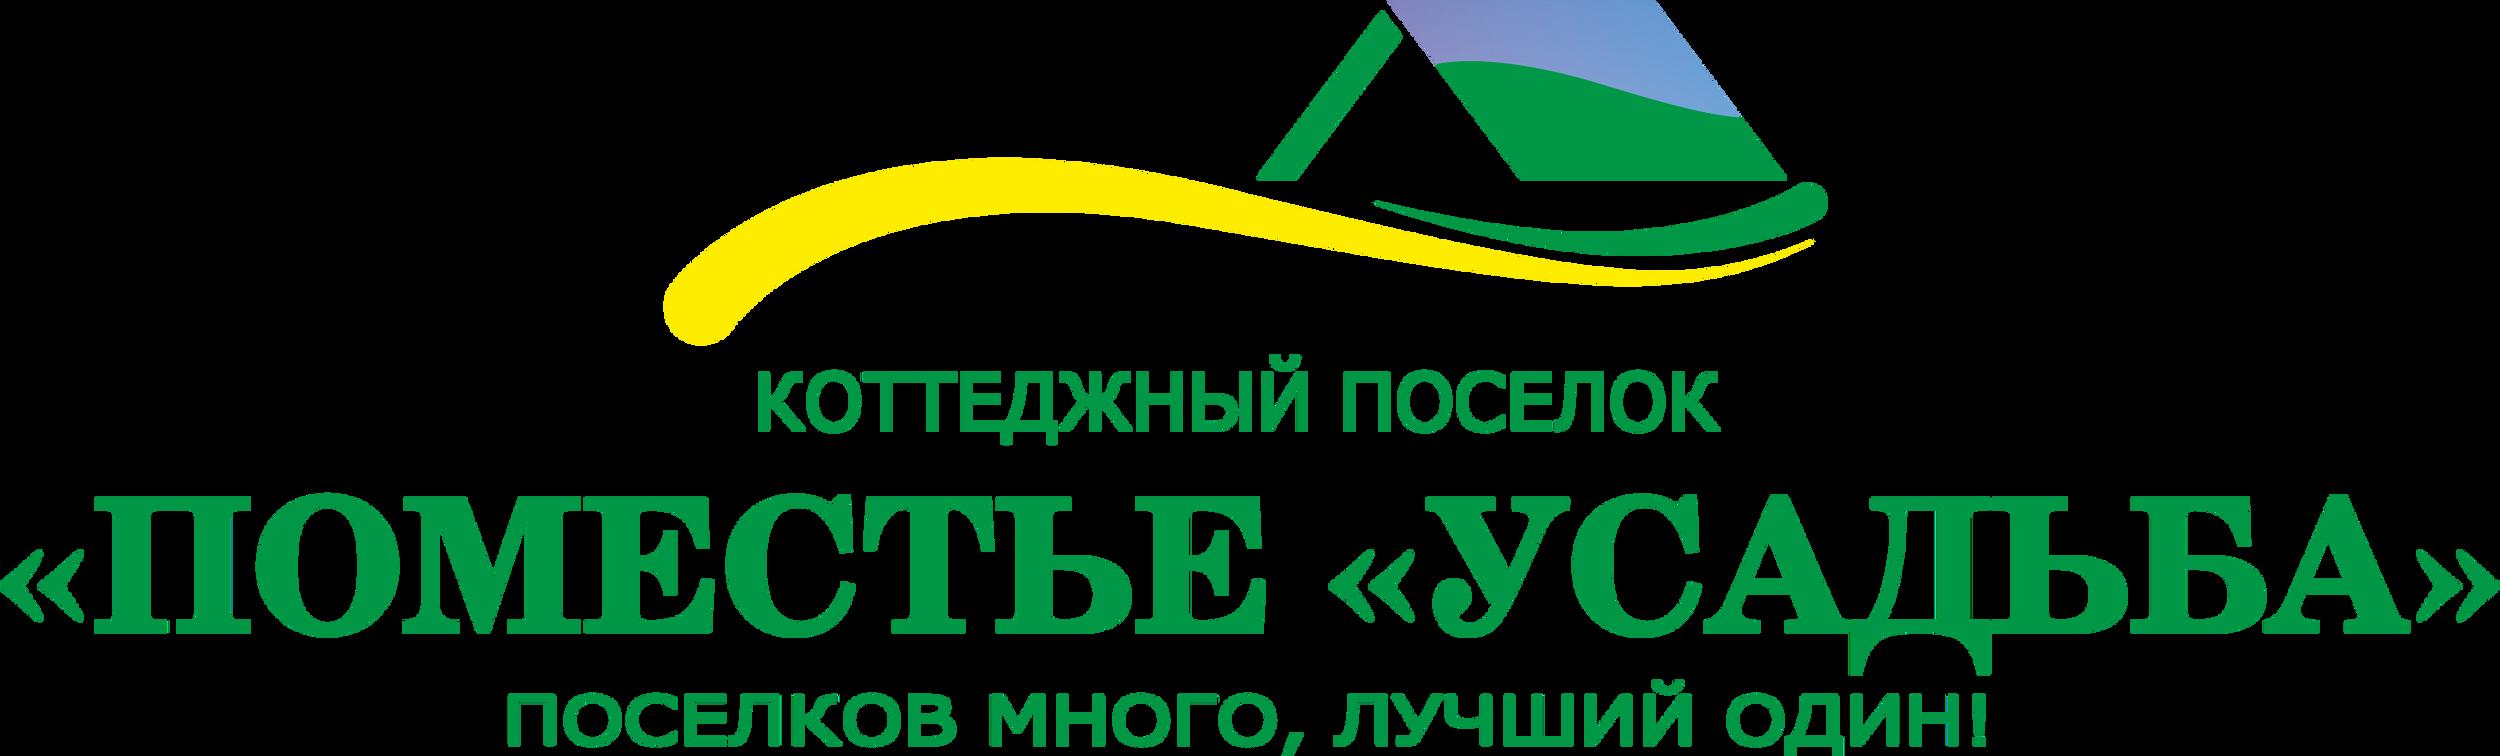 042202603 волго-вятский банк пао сбербанк реквизиты инн